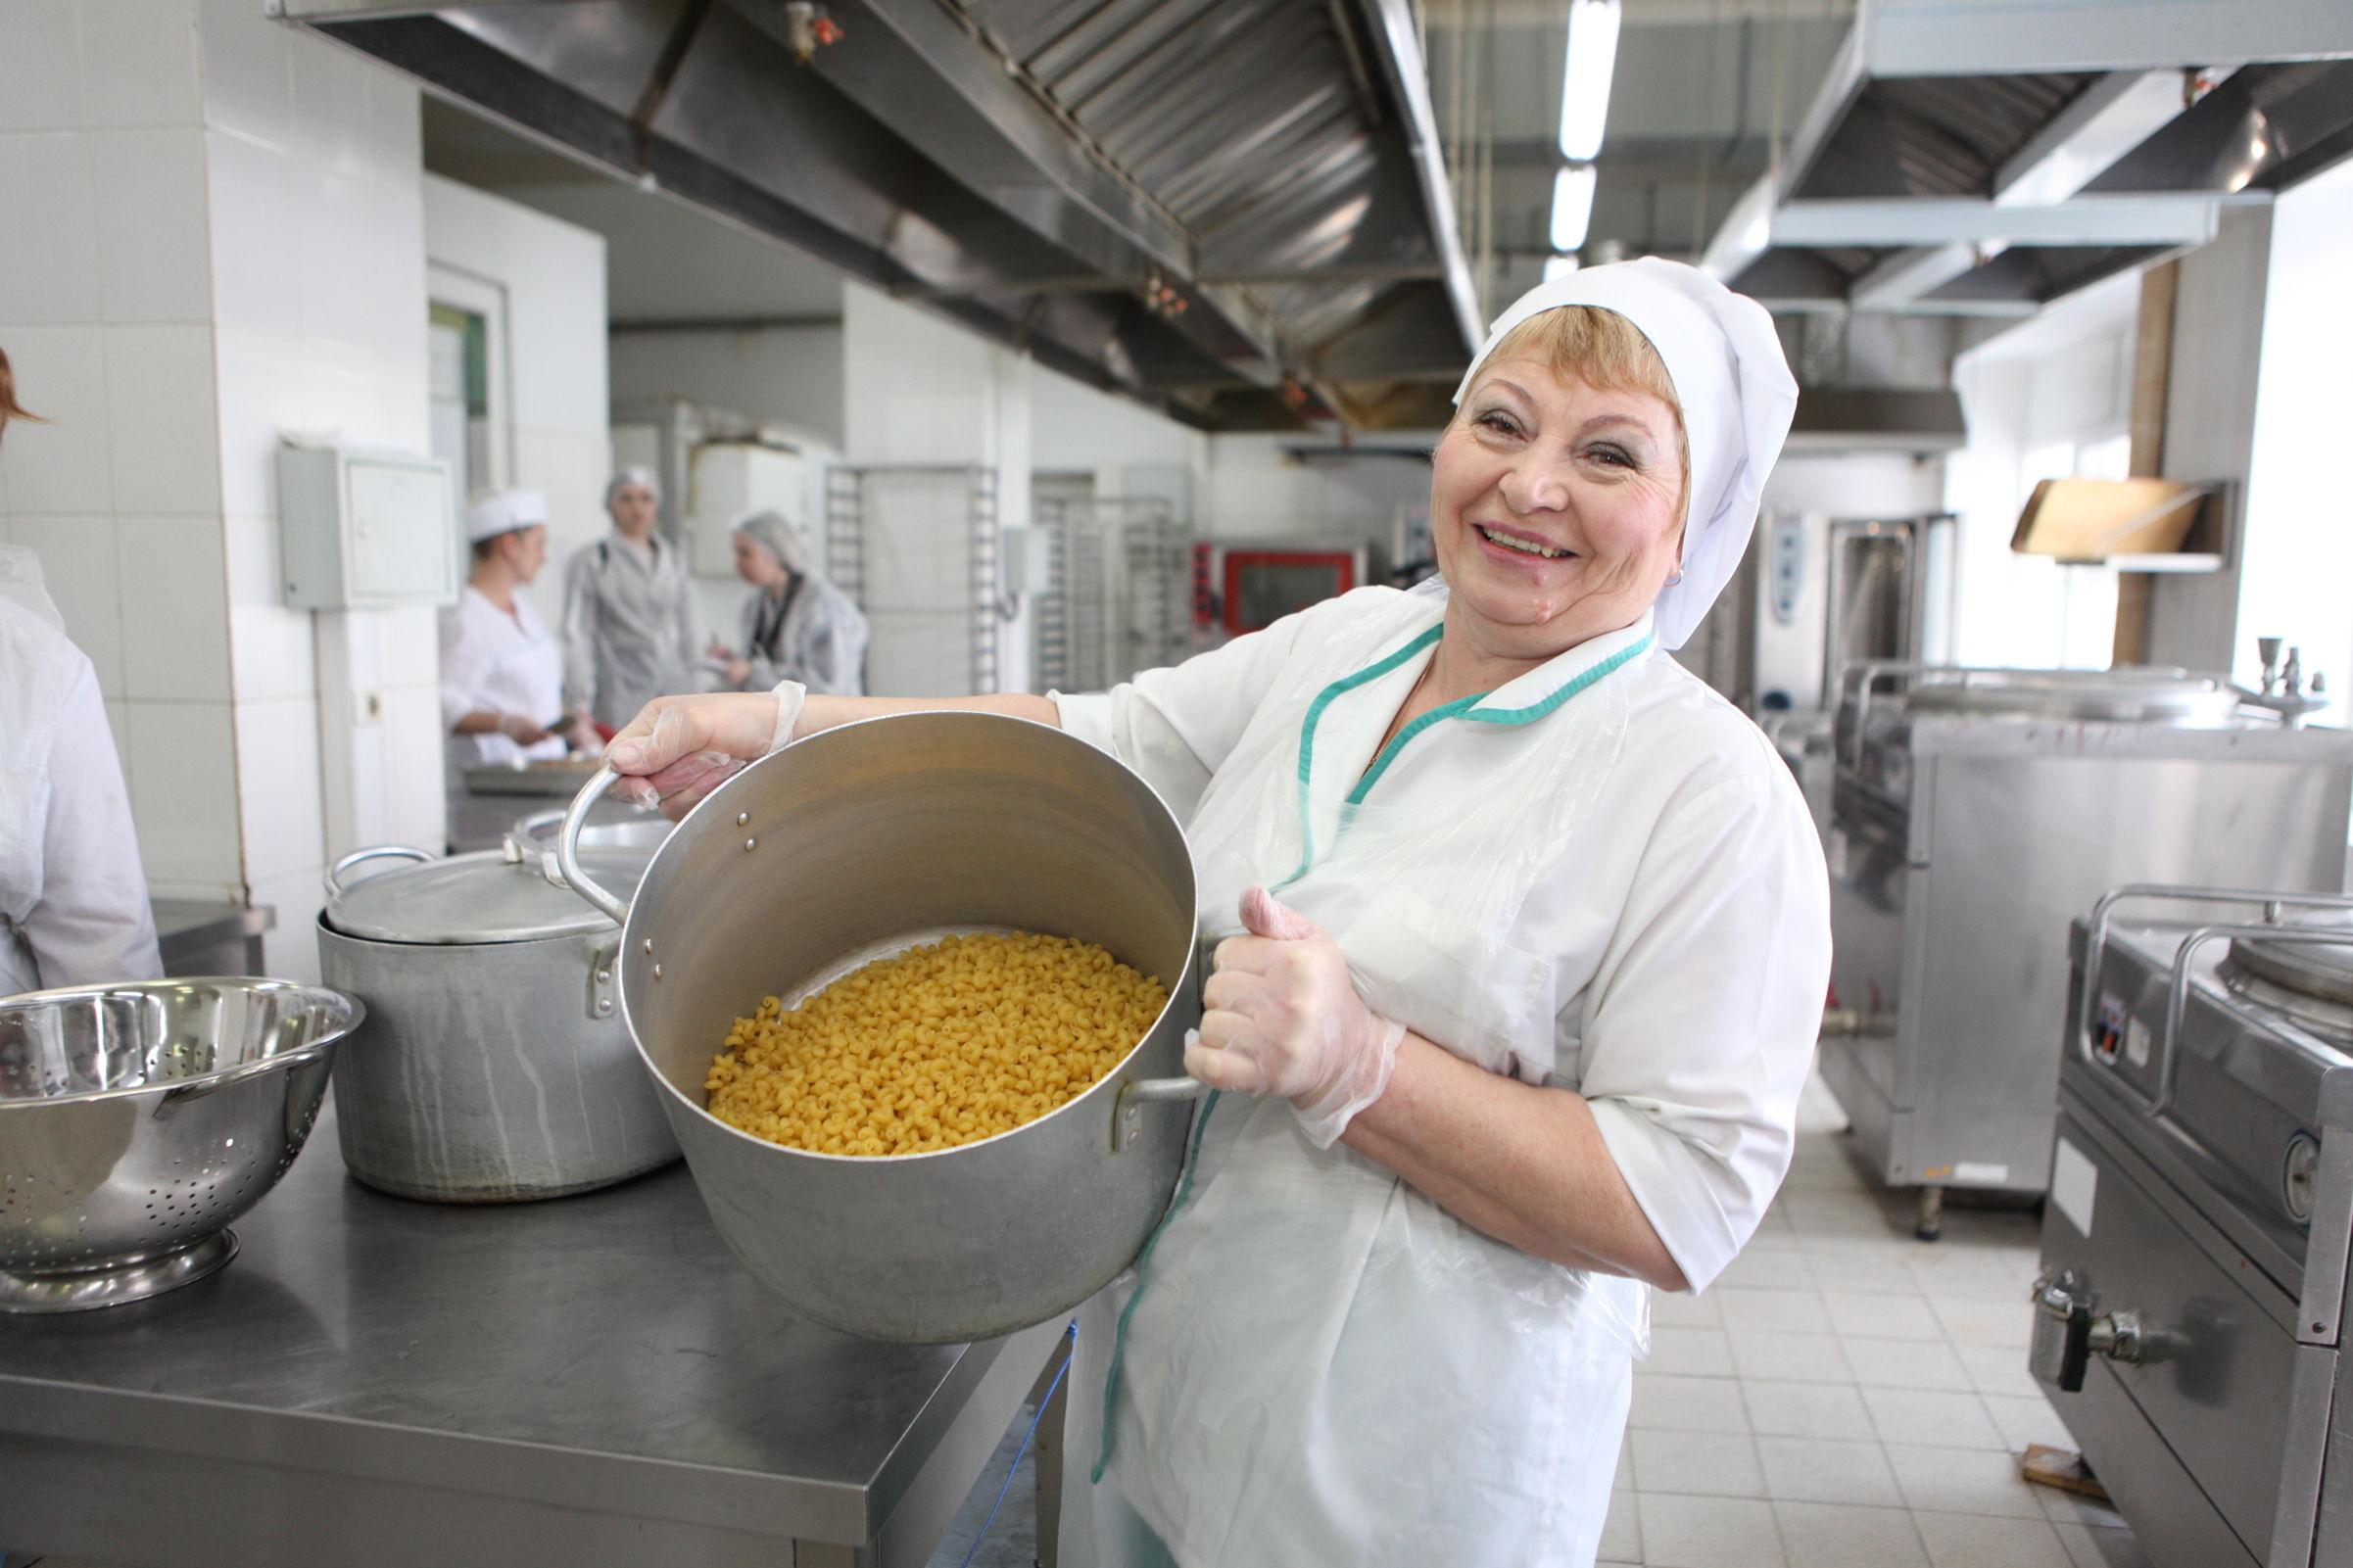 В Ярославле родители и инспекторы оценили школьные завтраки и обеды